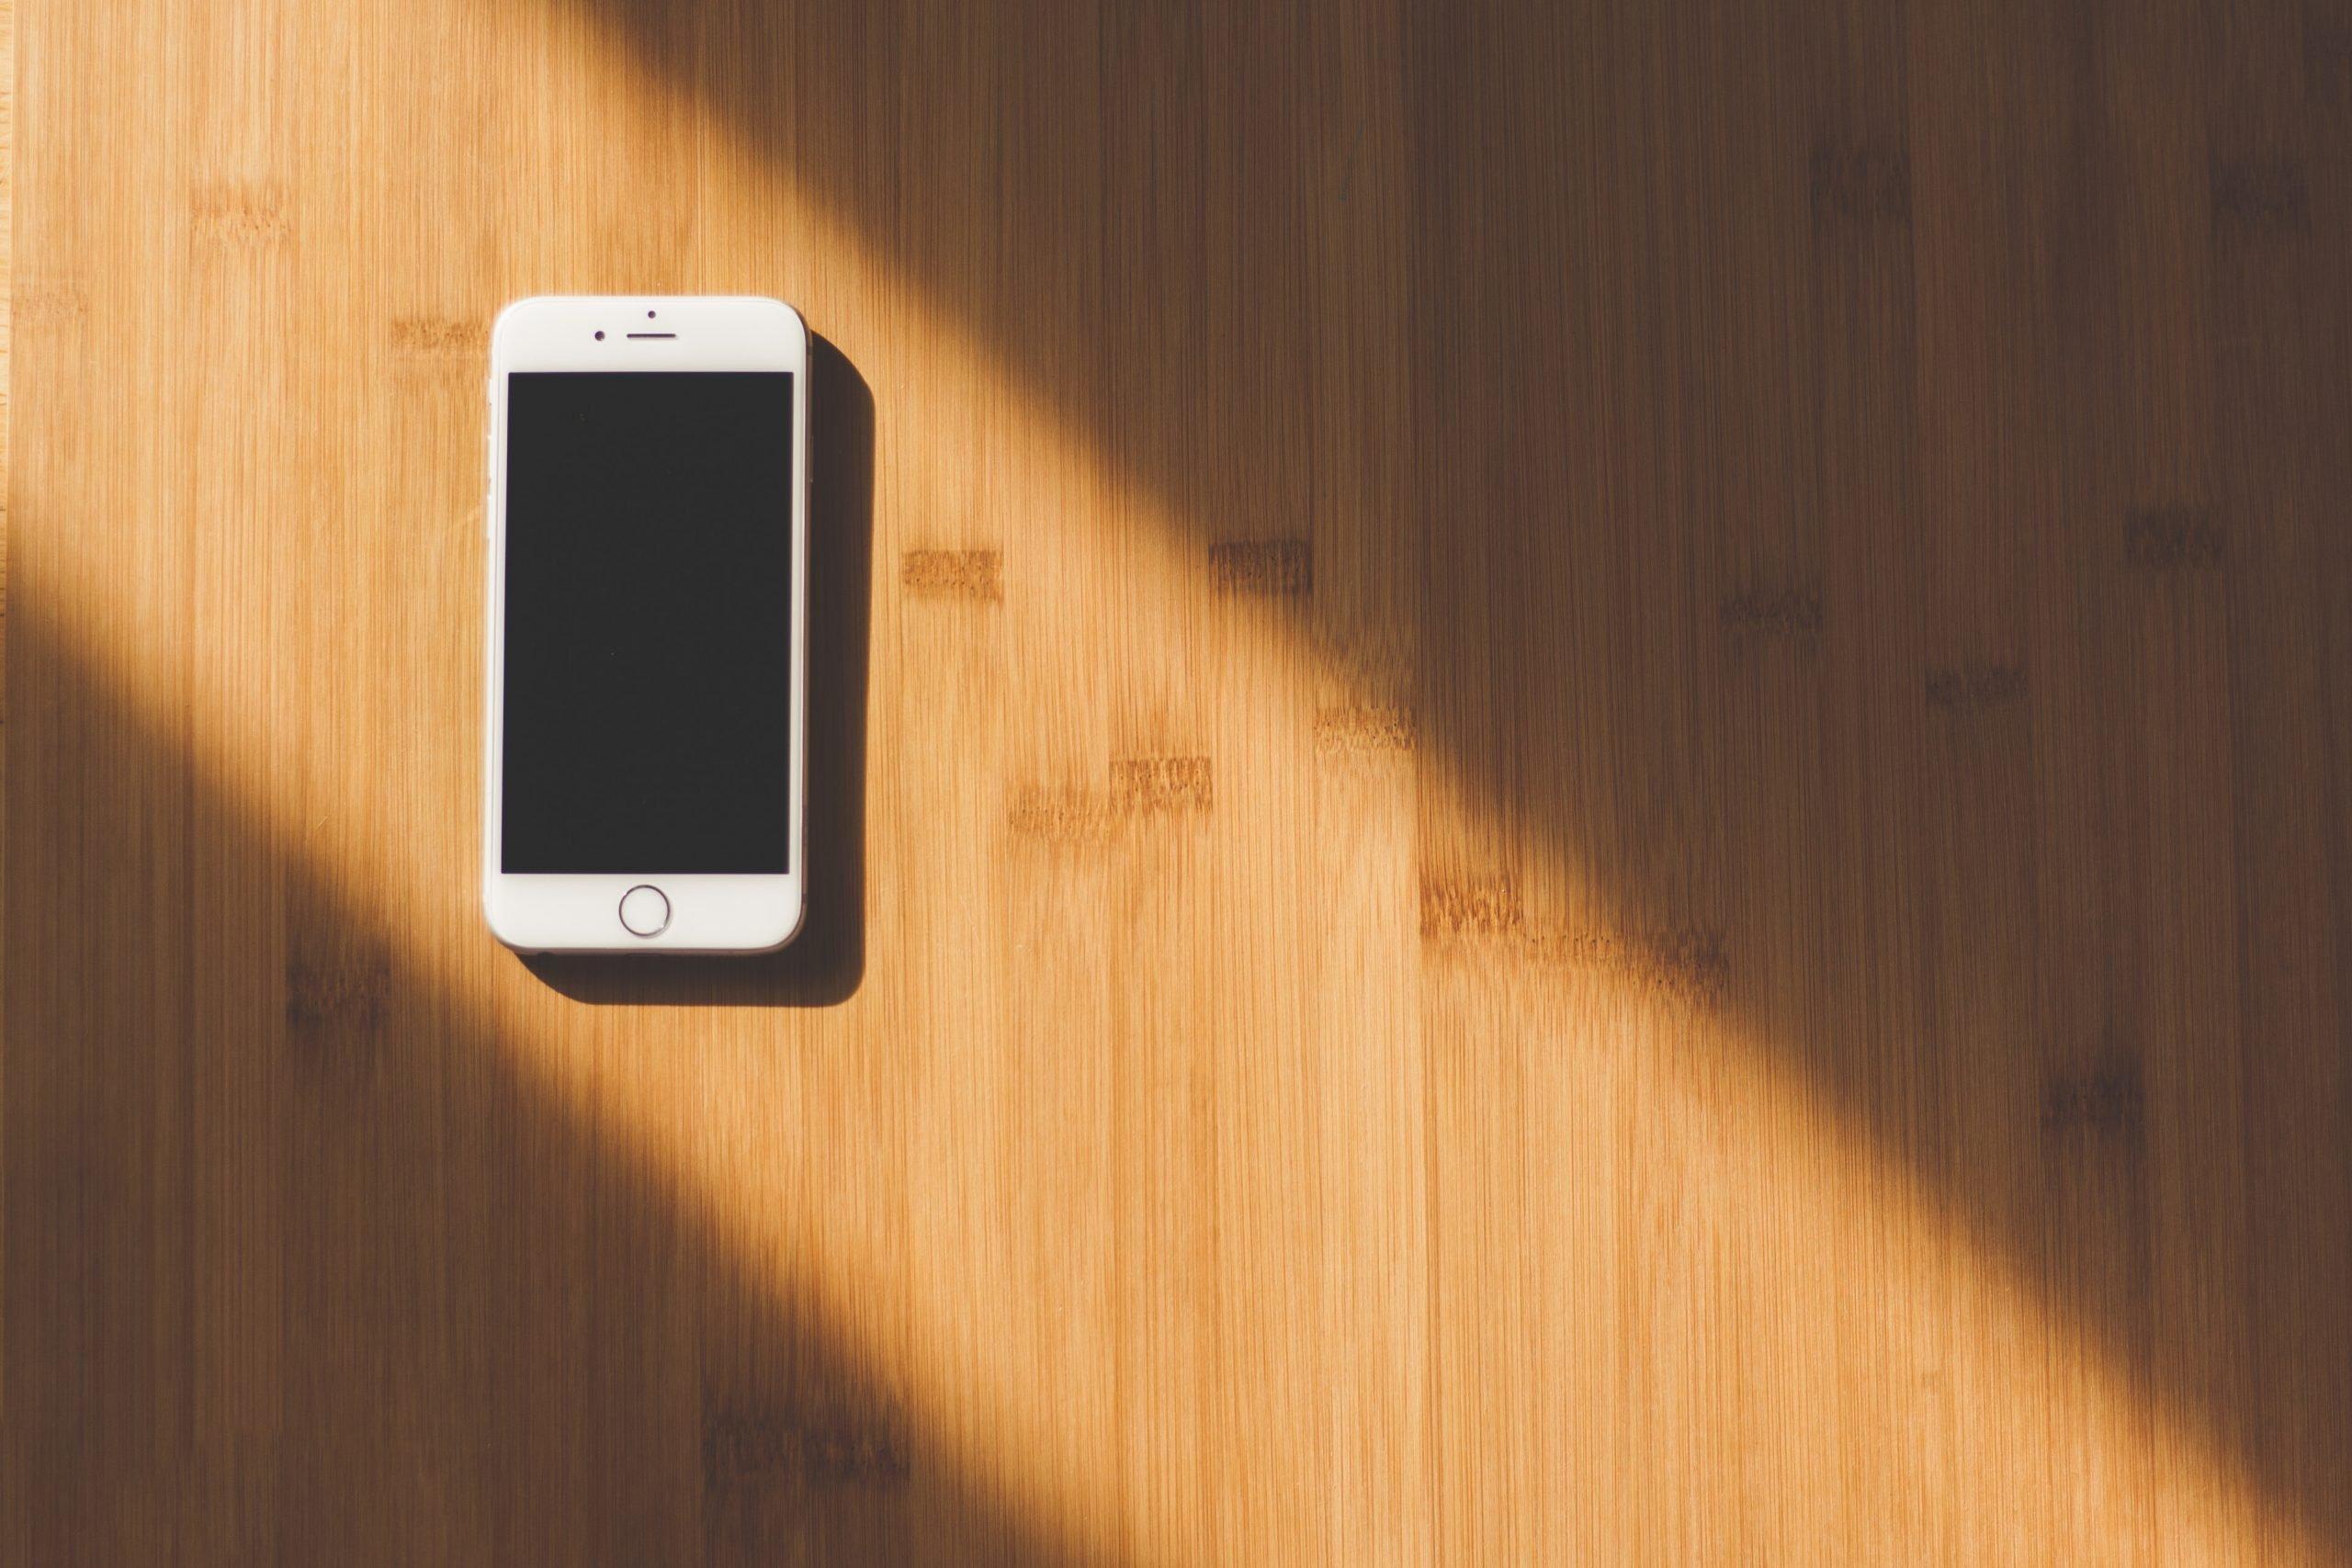 تصميم مواقع الويب white apple iphone on wooden table 48605 scaled